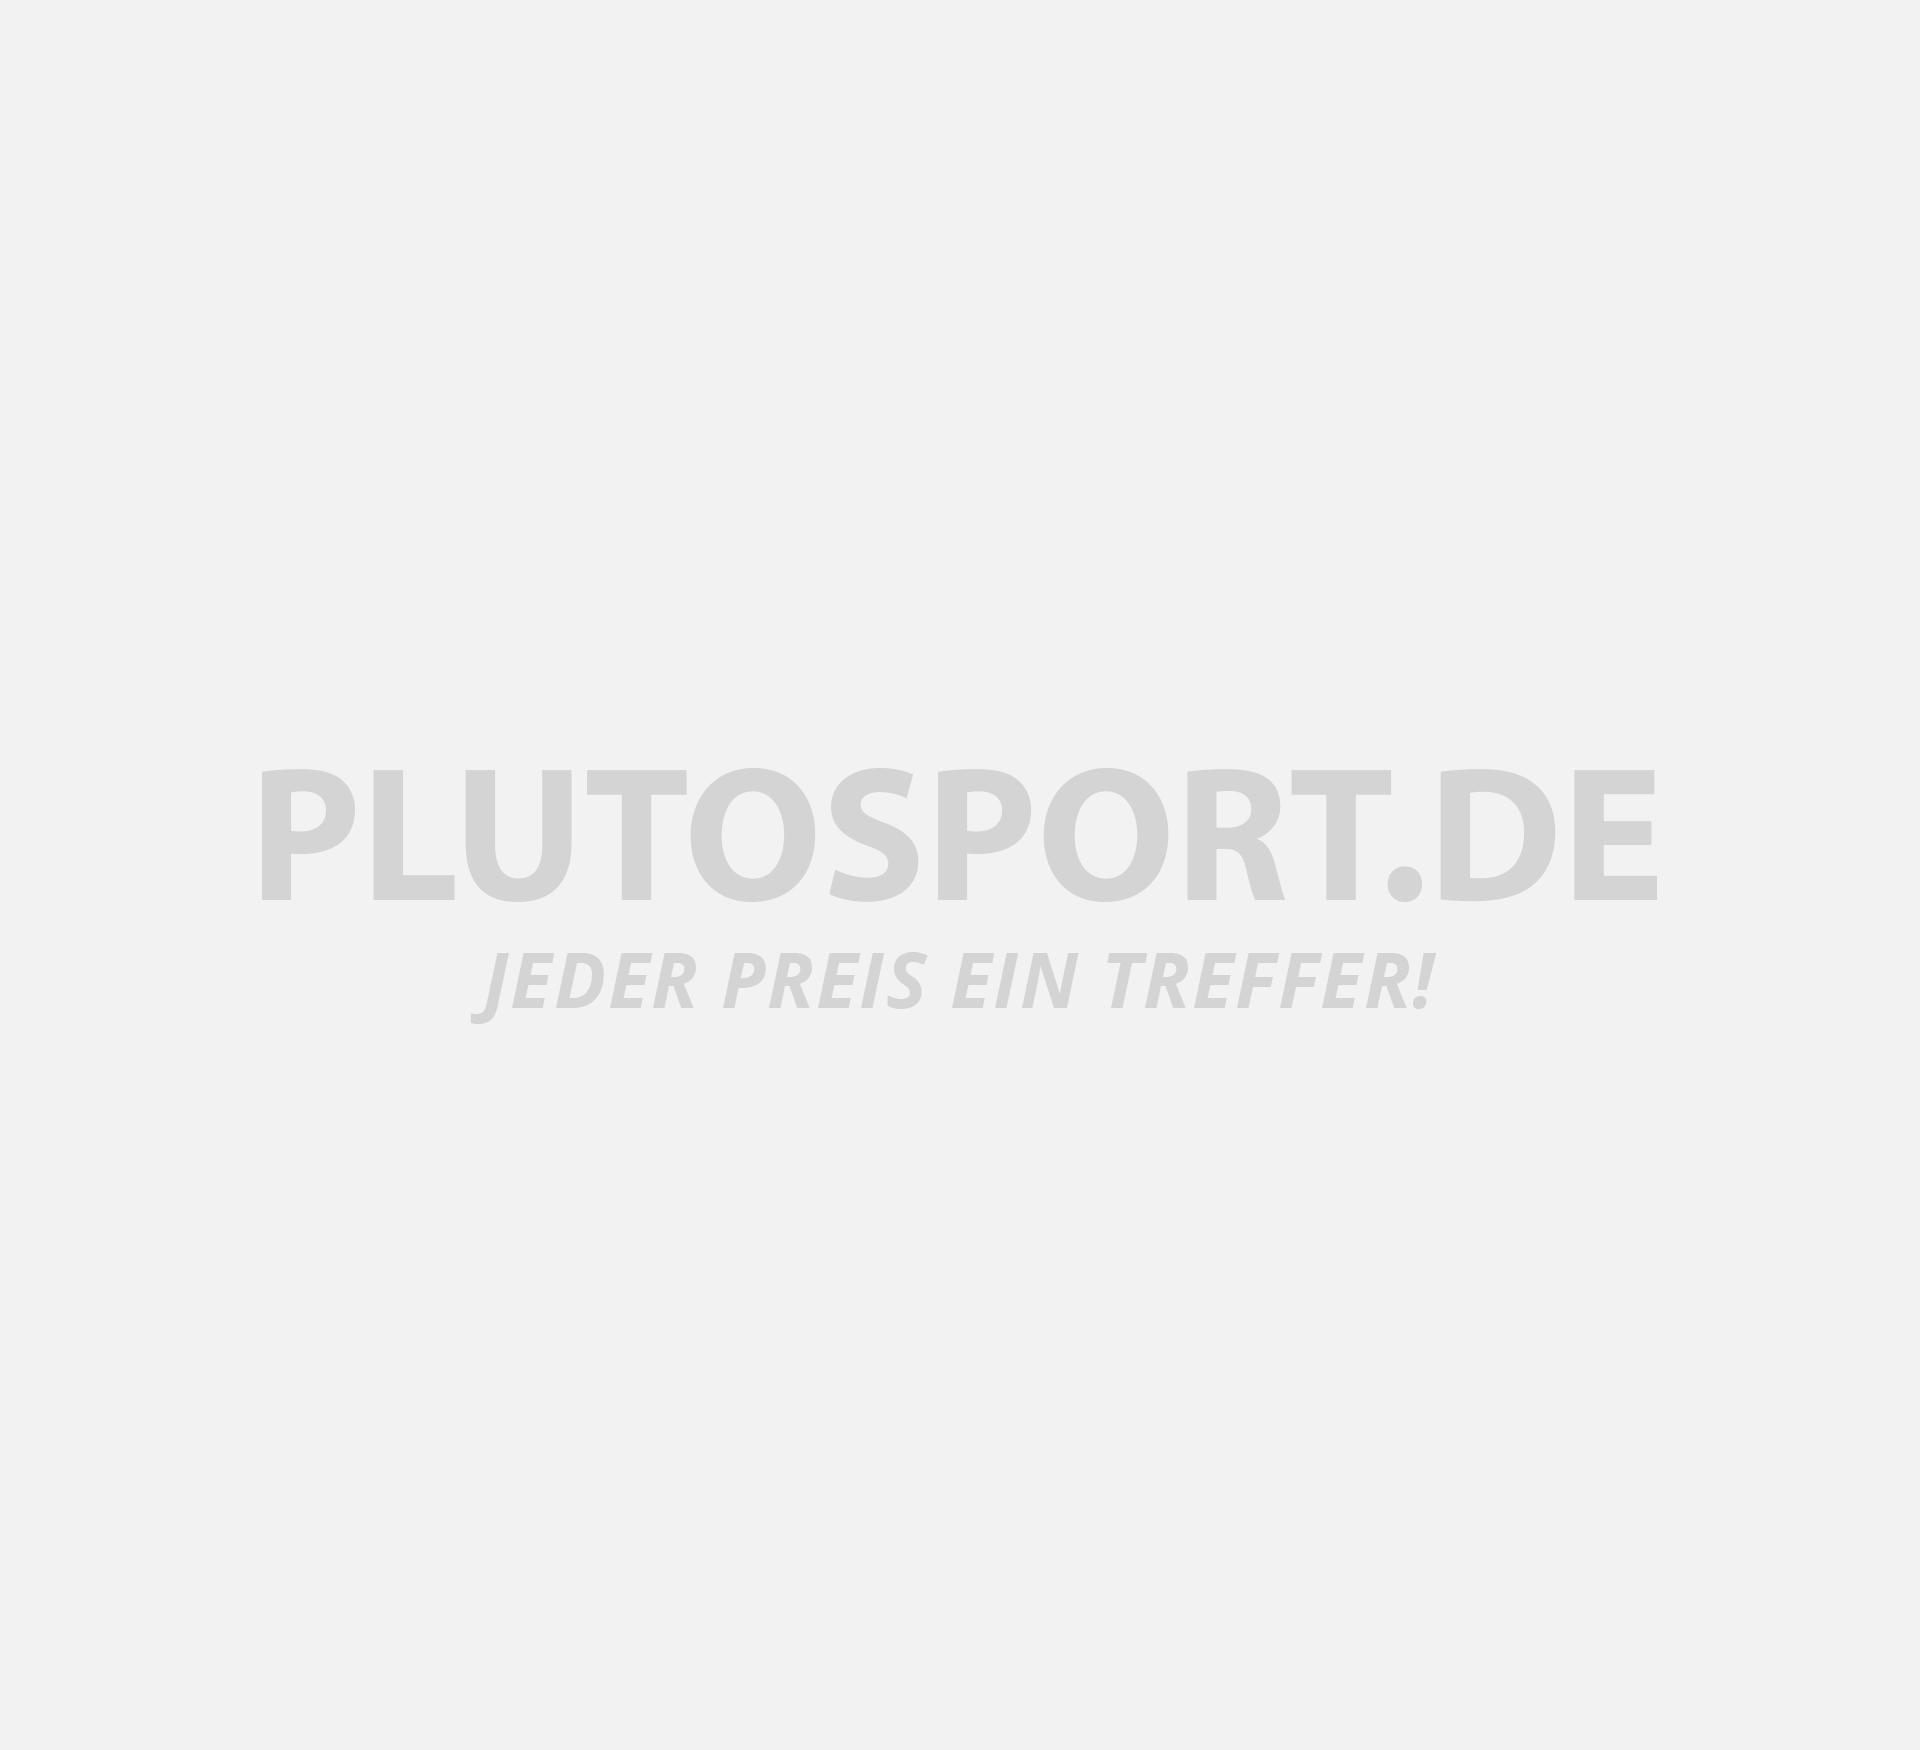 Reusch Attrakt Silver Torwarthandschuhe Kinder